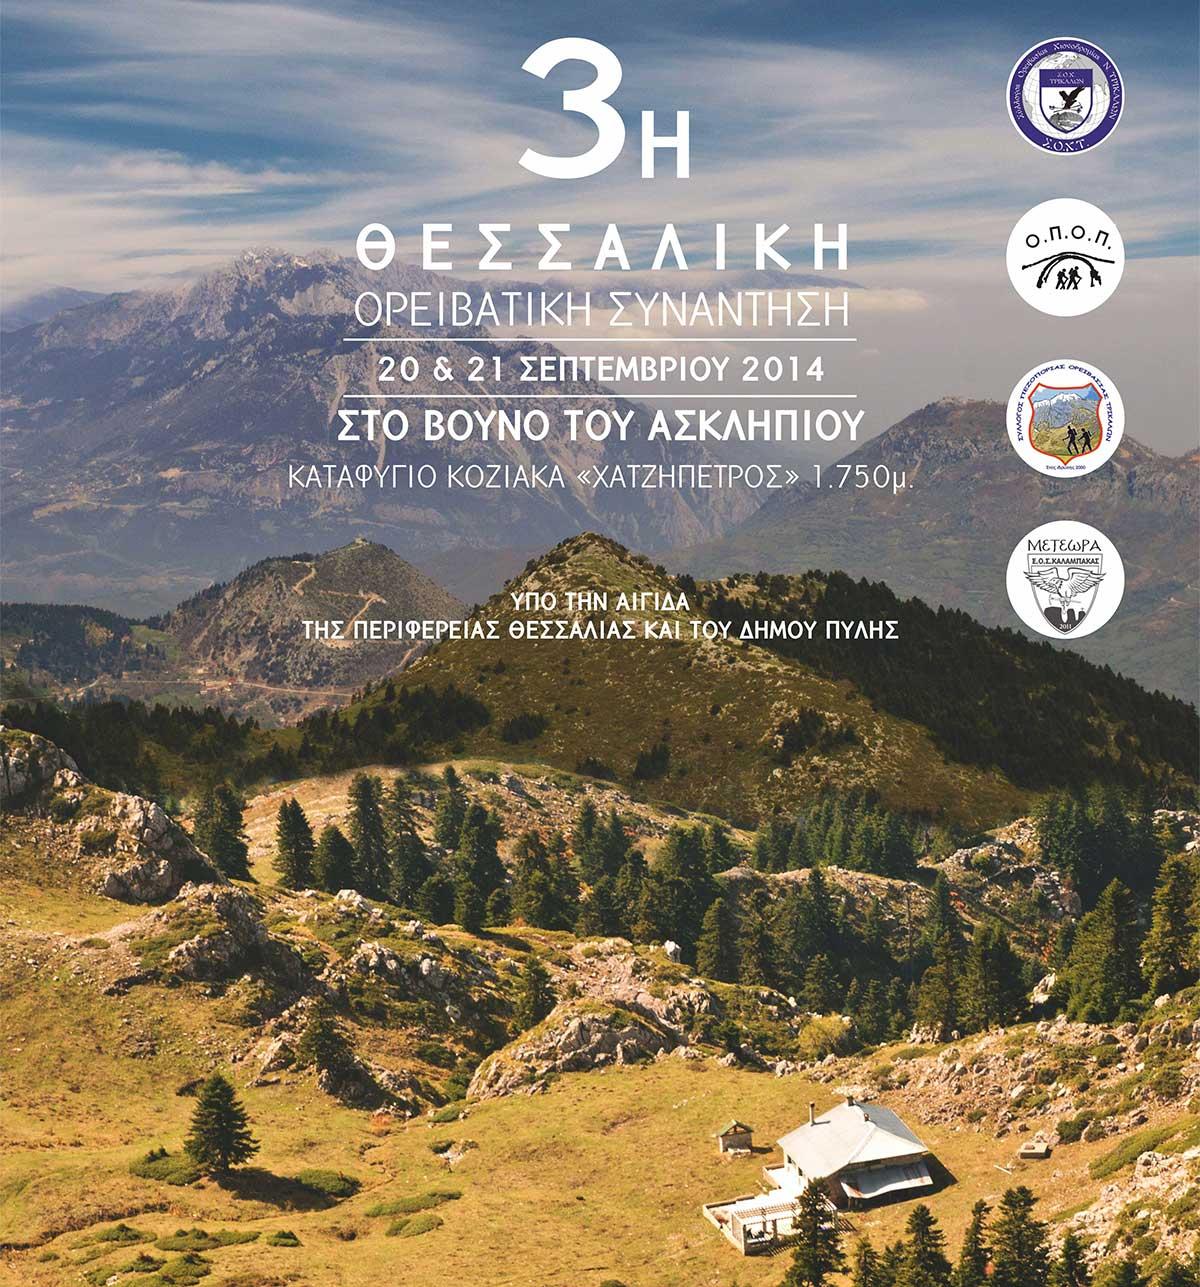 3η Θεσσαλική Ορειβατική Συνάντηση